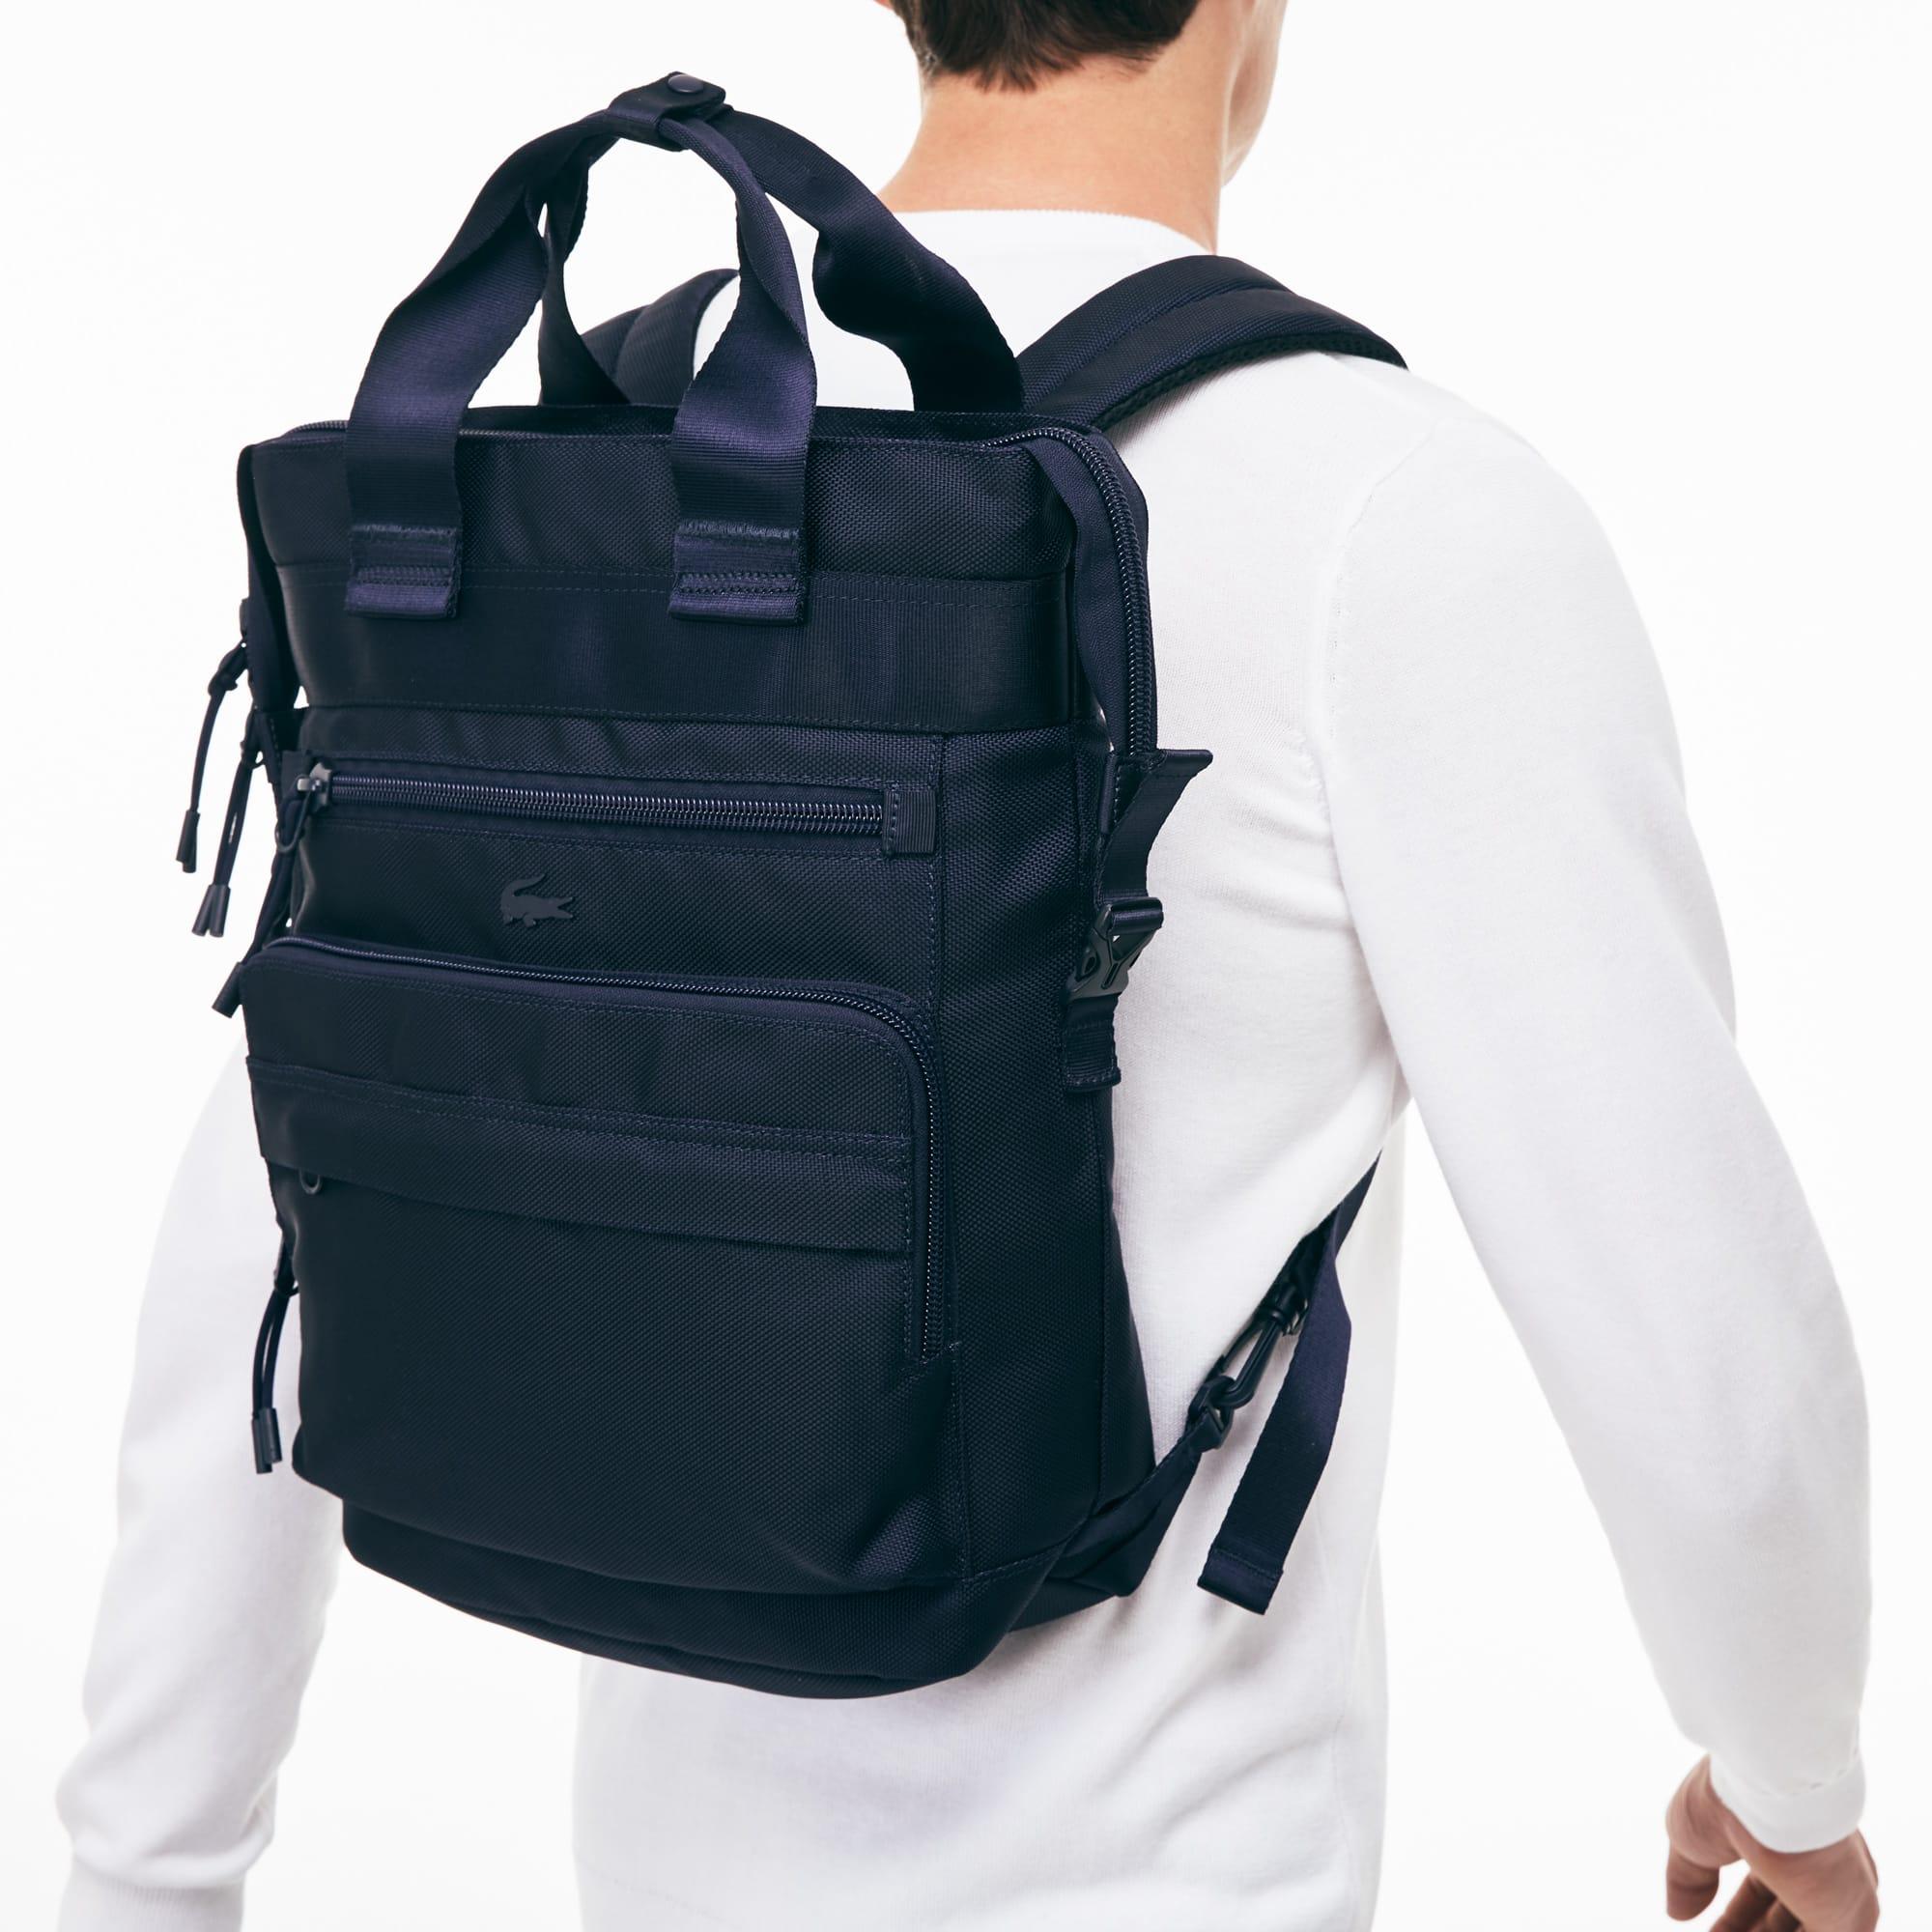 Techni-City-rugzak heren lichtgewicht nylon met draagbeugel